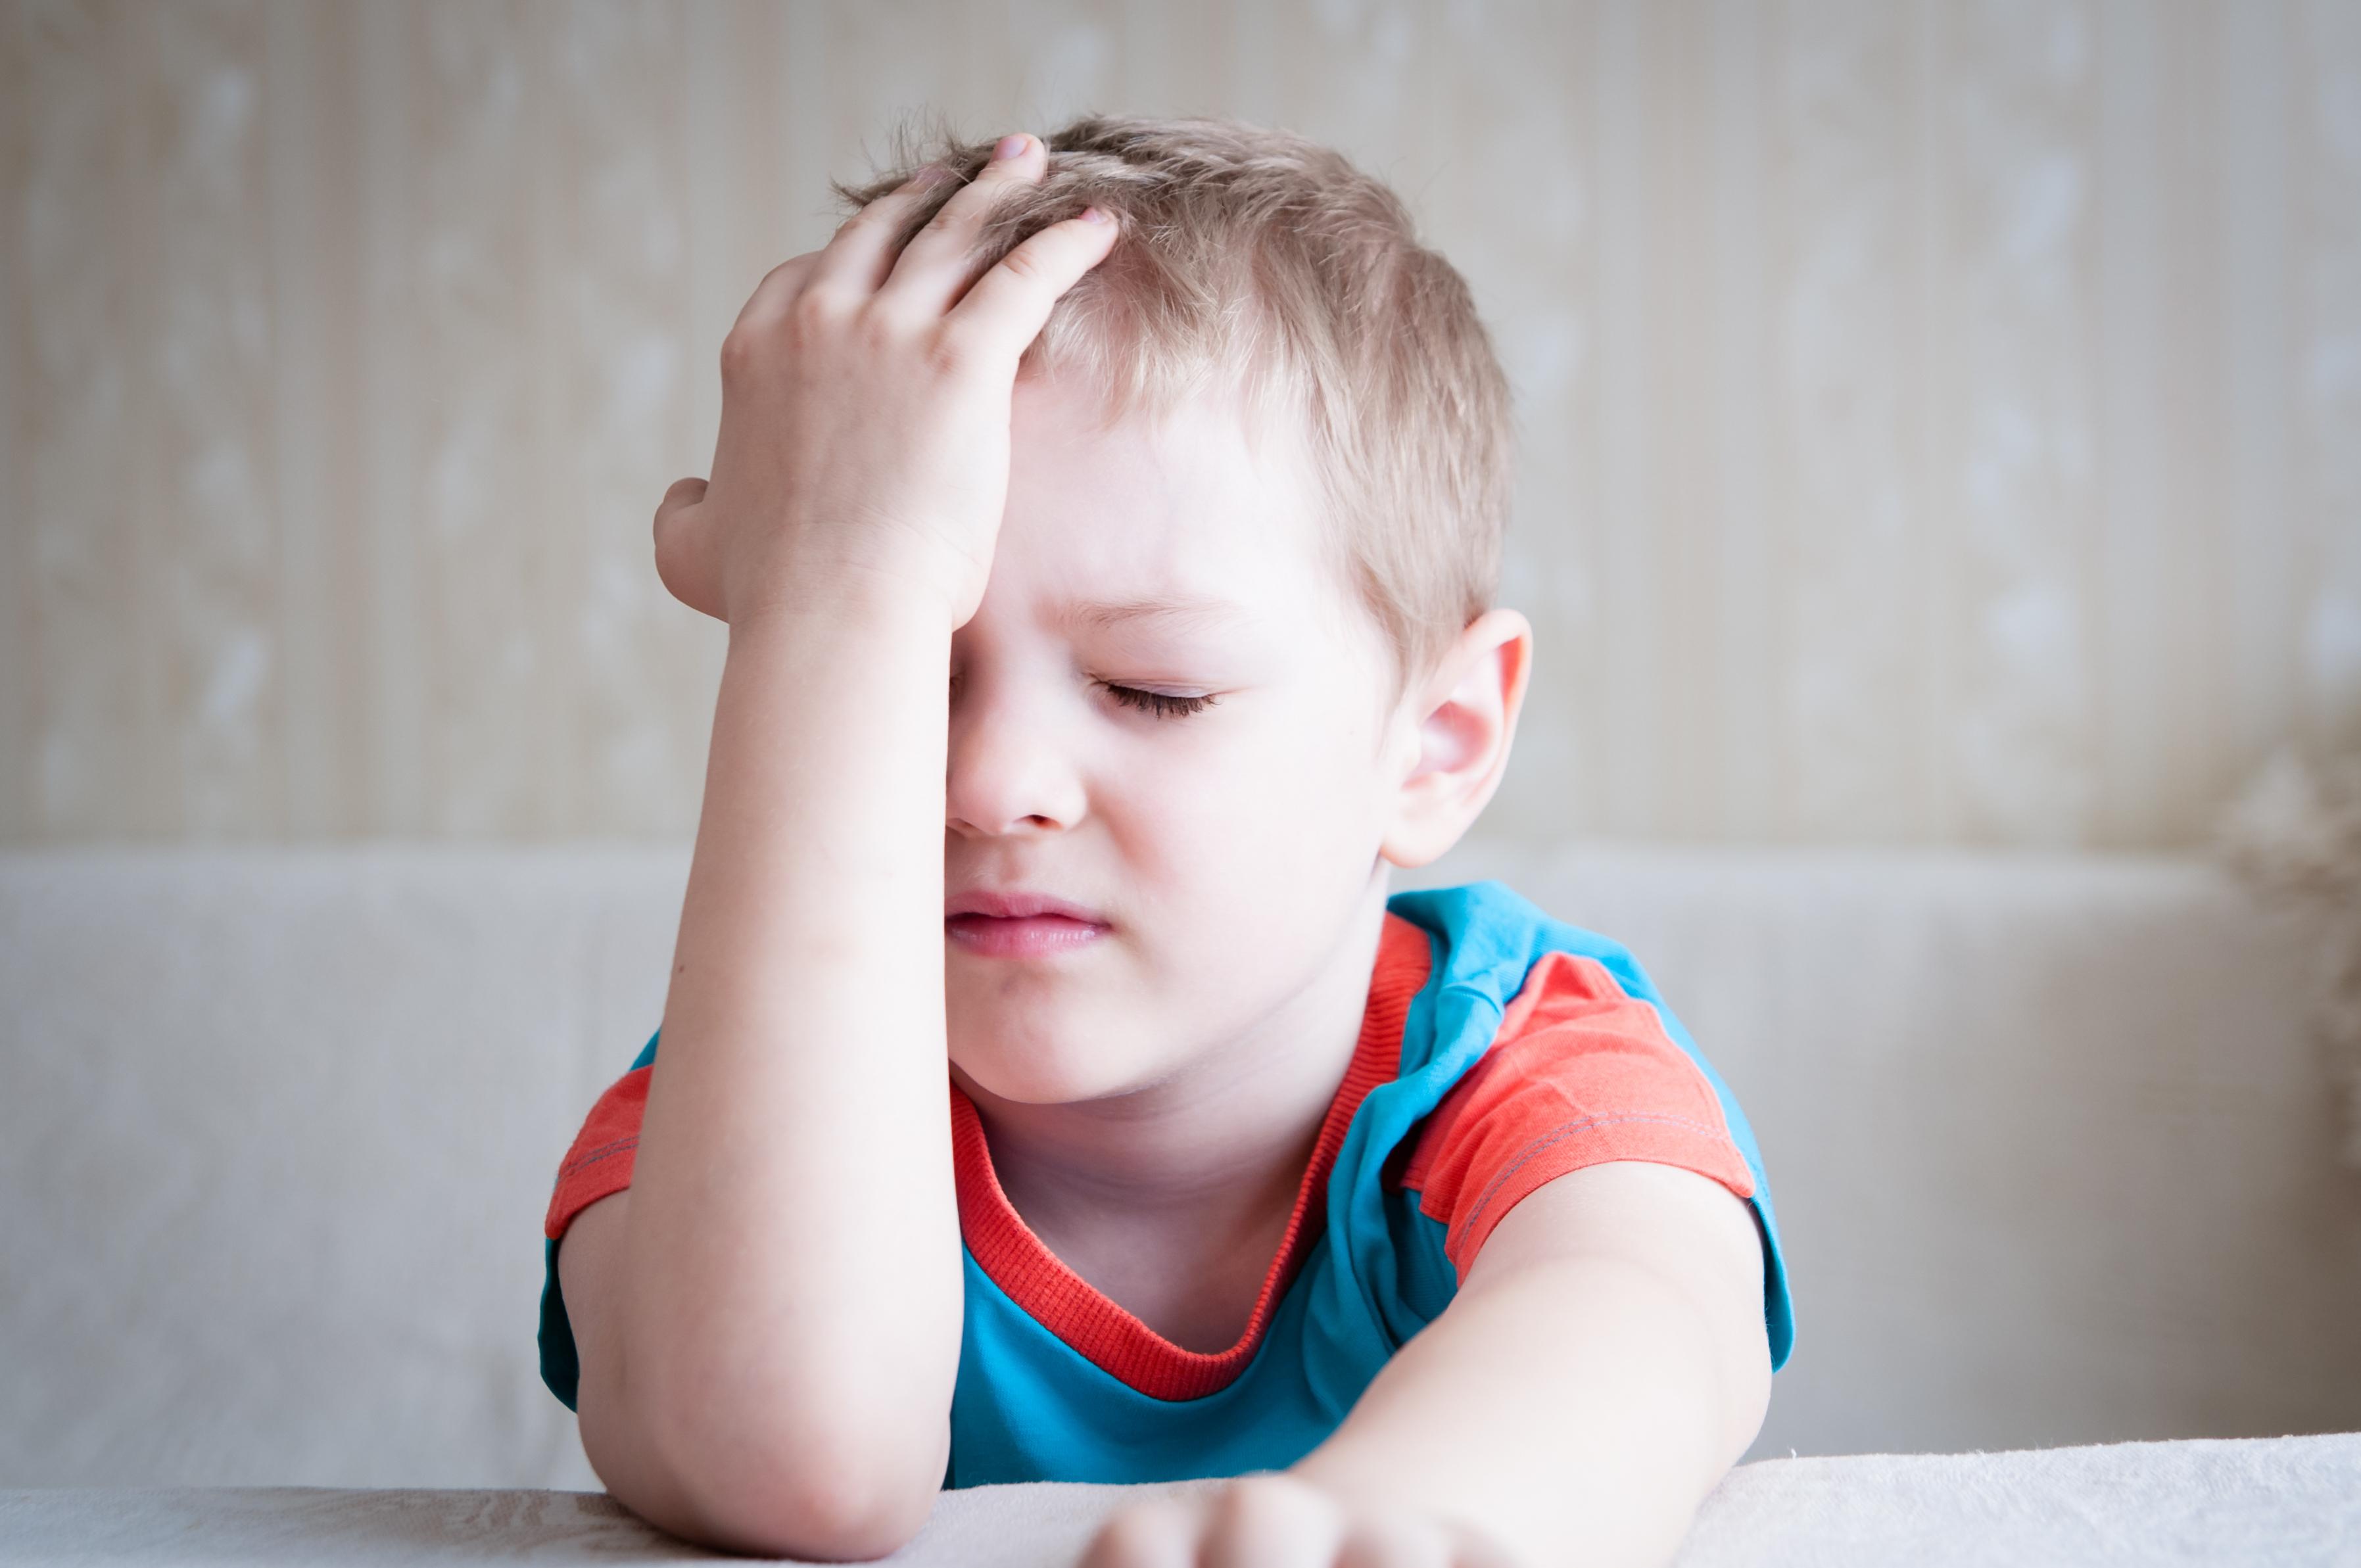 Den kroniska smärtan är i de flesta fall oförklarlig och ger sig vanligen uttryck i kronisk huvudvärk, smärta i buken eller värk i lederna.